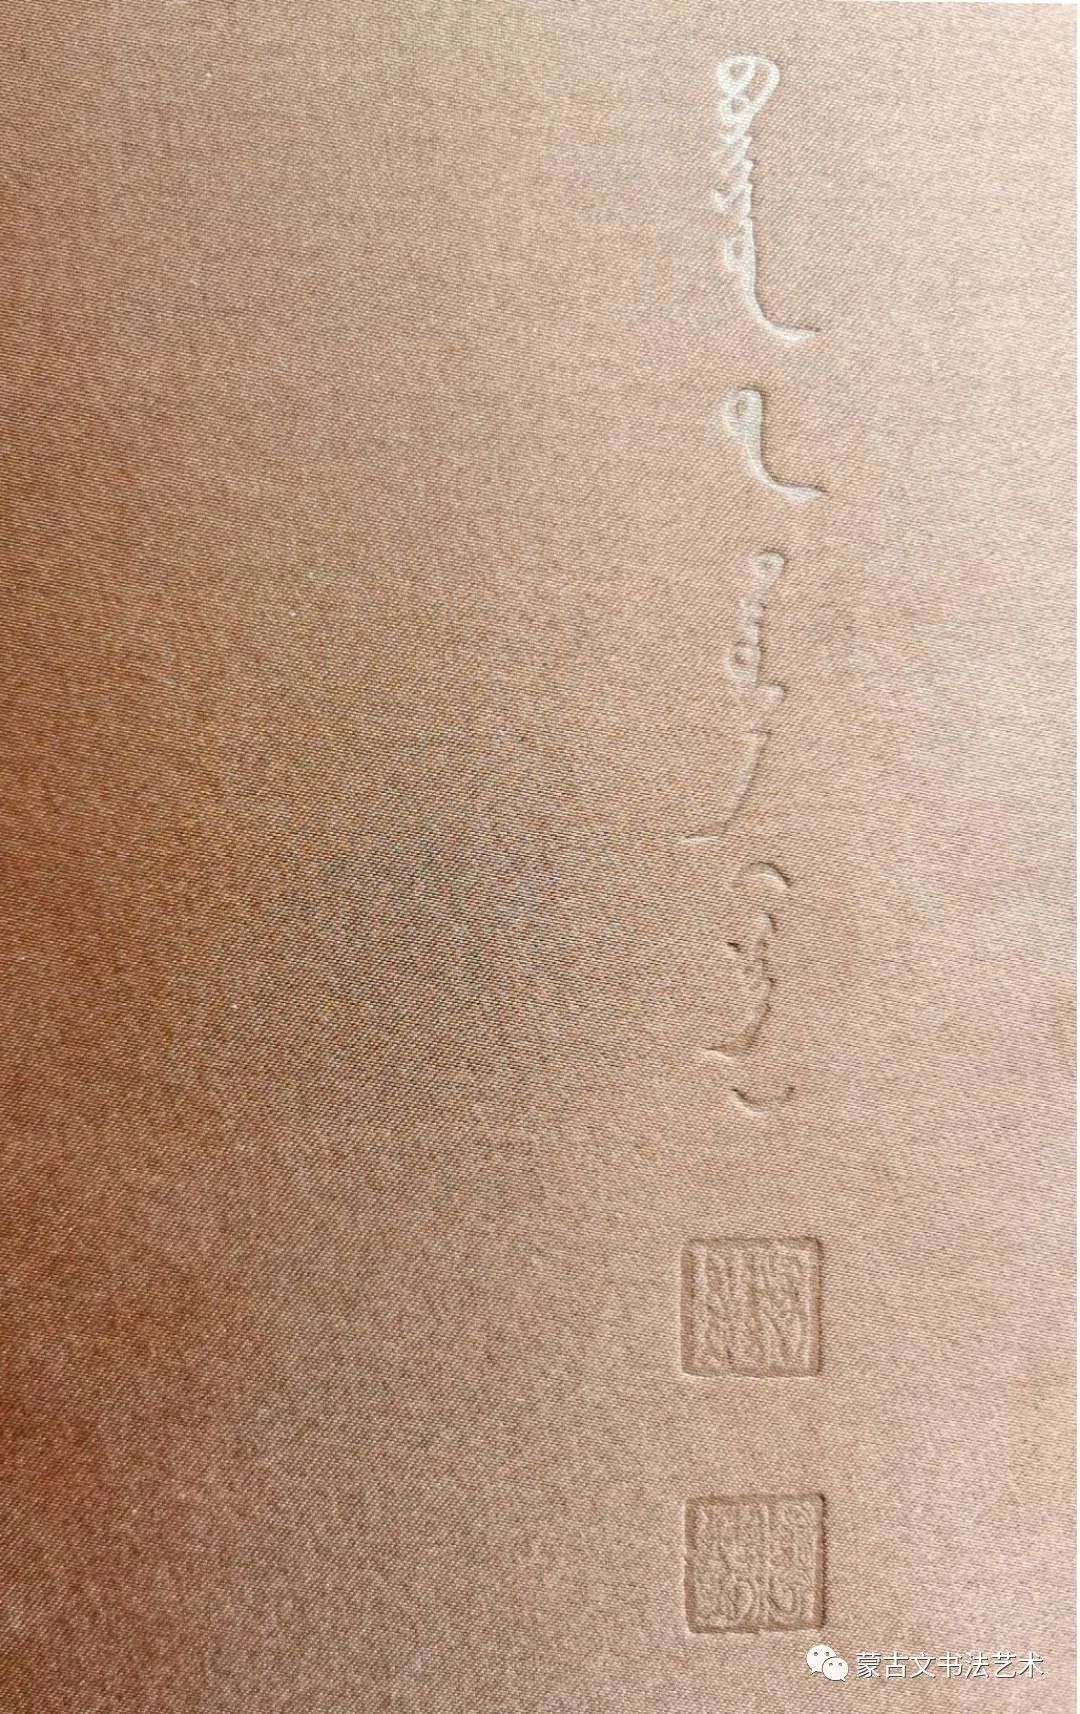 蒙古文经典文献当代书法名家手抄本之斯仁巴图《布里亚特史》 第3张 蒙古文经典文献当代书法名家手抄本之斯仁巴图《布里亚特史》 蒙古书法